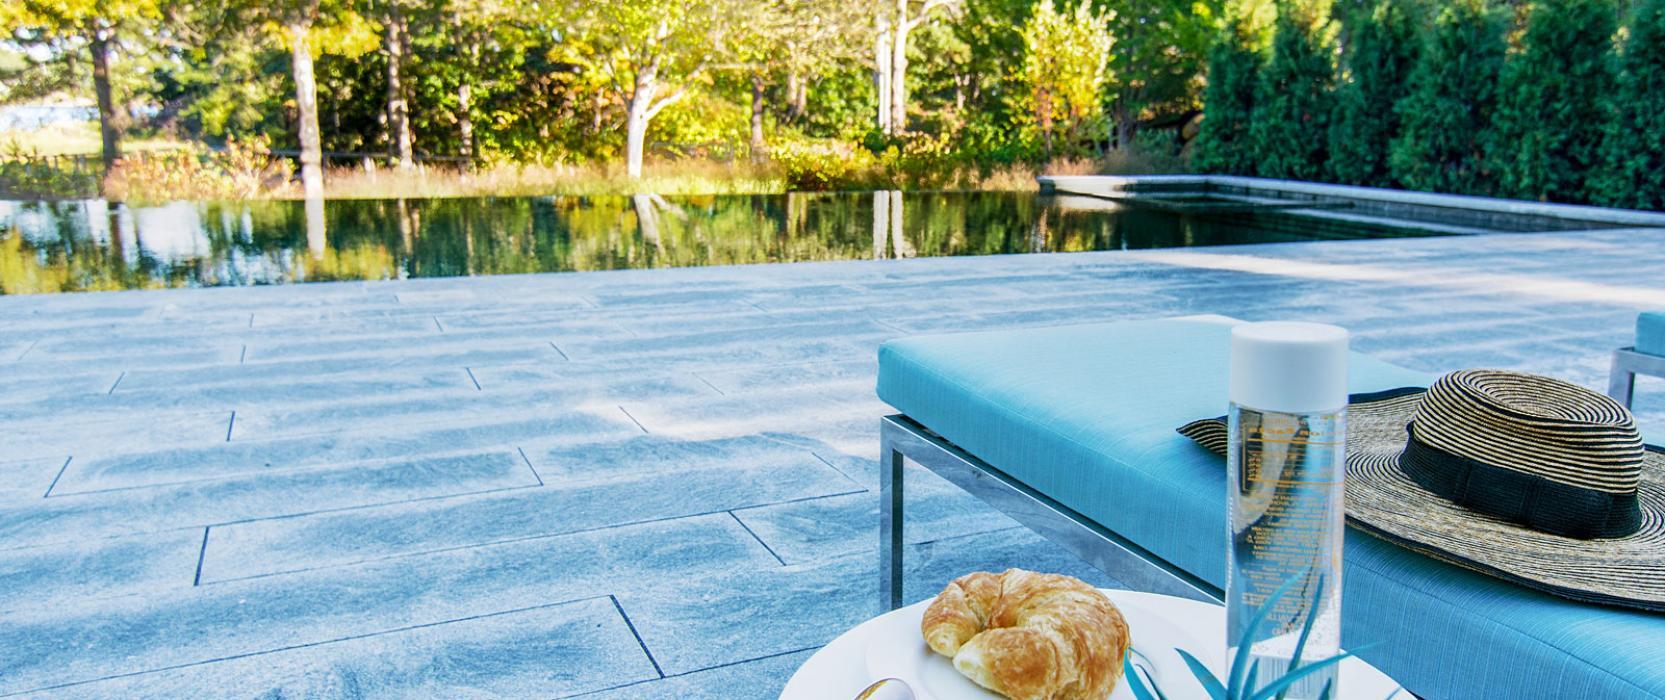 Sparkling pool design by Bernice Wahler Landscapes